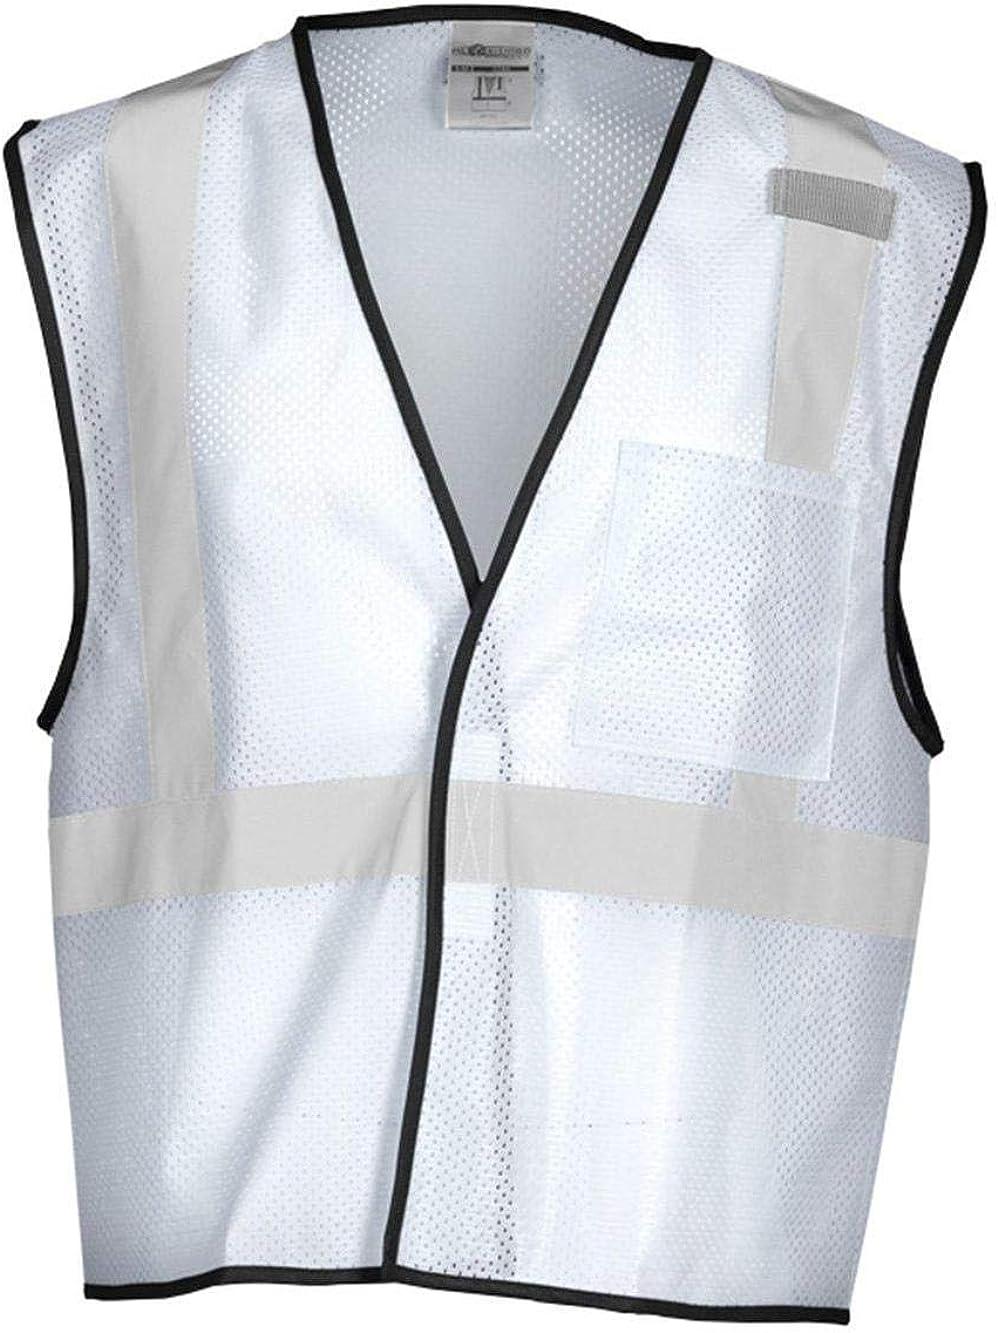 B120-B127 ML Kishigo Enhanced Visibility Mesh Vest